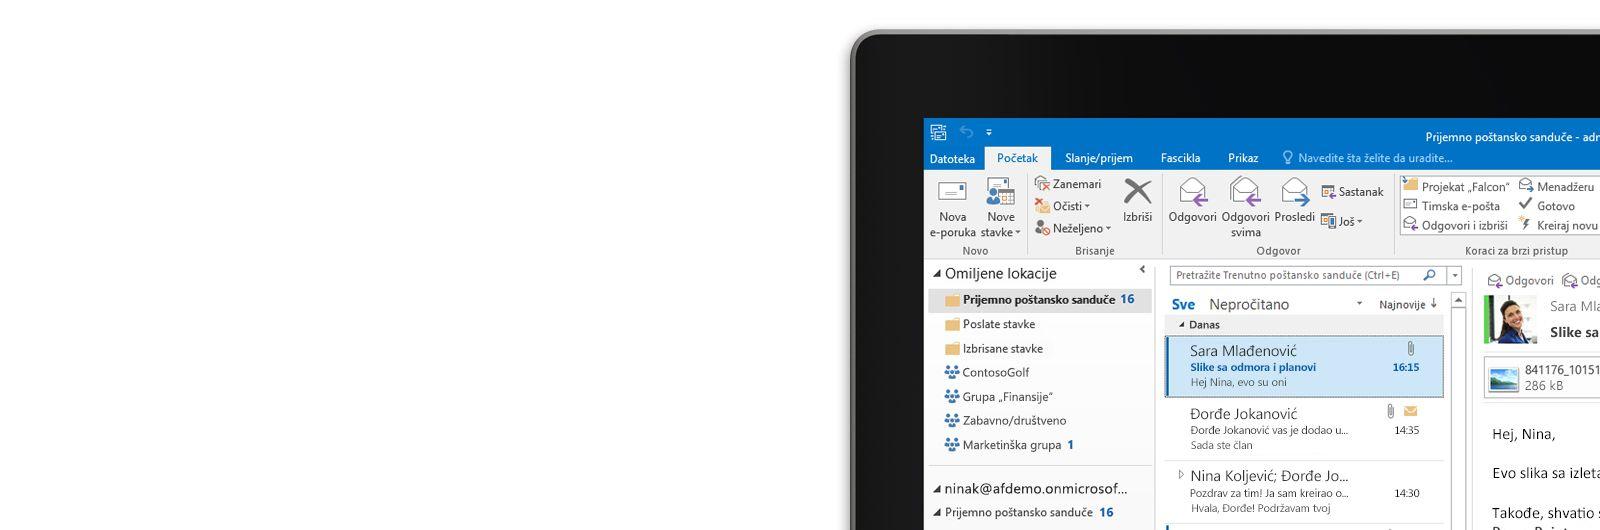 Tablet koji prikazuje Microsoft Outlook 2013 prijemno poštansko sanduče sa listom i pregledom poruka.